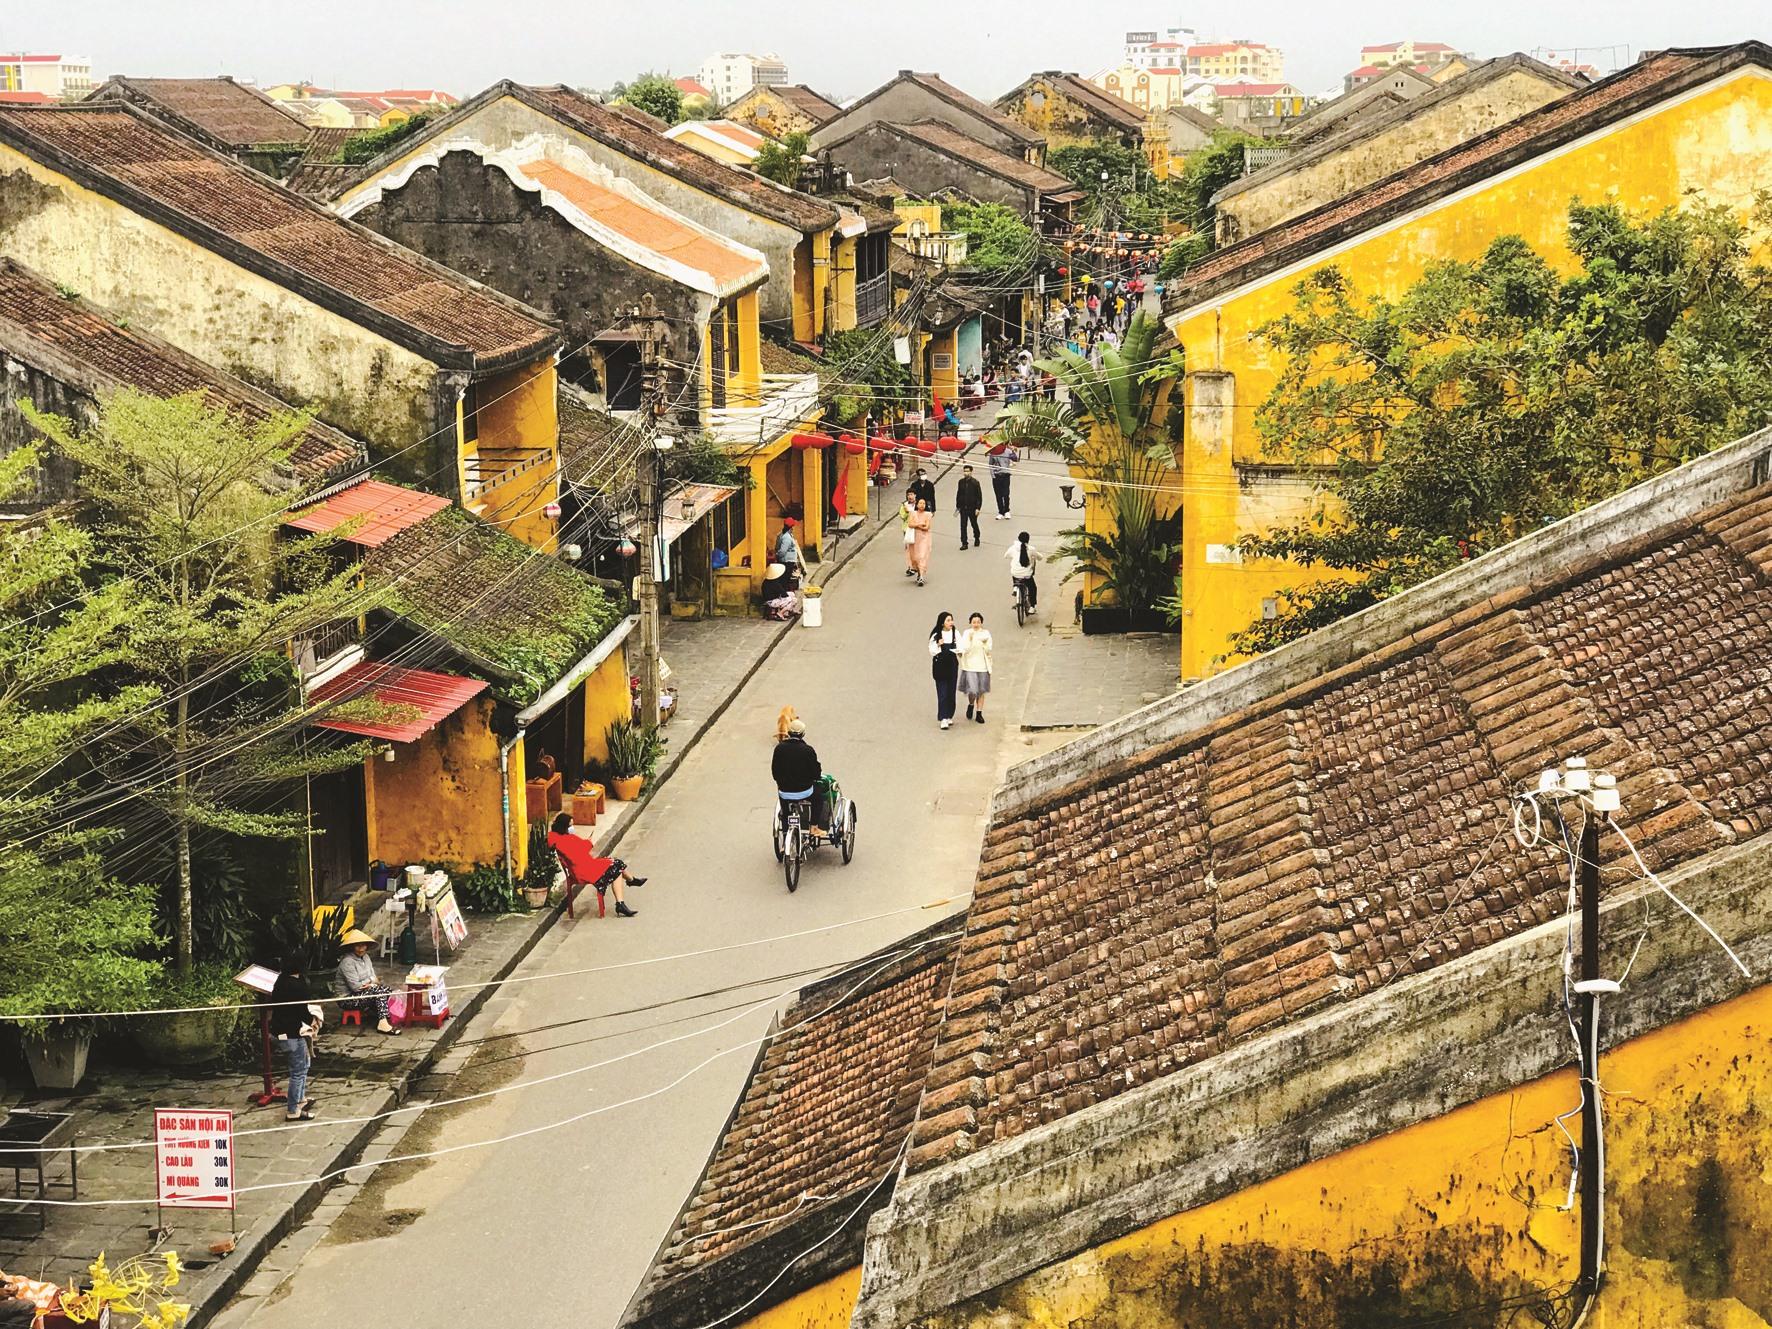 Hội An đang hướng đến kế hoạch xây dựng đô thị có khả năng chống chịu cao, phục hồi tốt hơn trước các tác động trong tương lai. Ảnh: Q.T